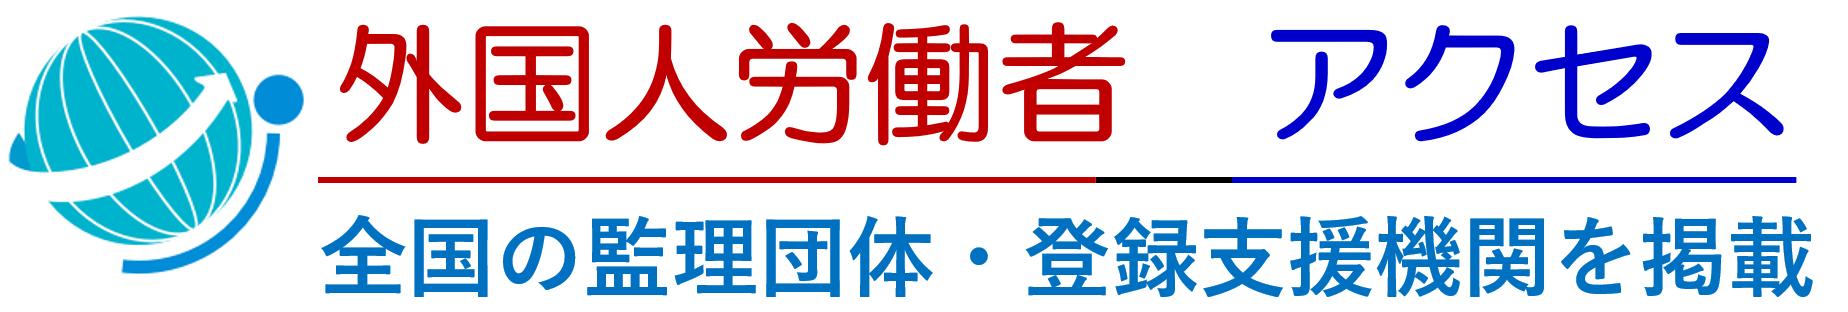 外国人労働者アクセス(Jアクセス)